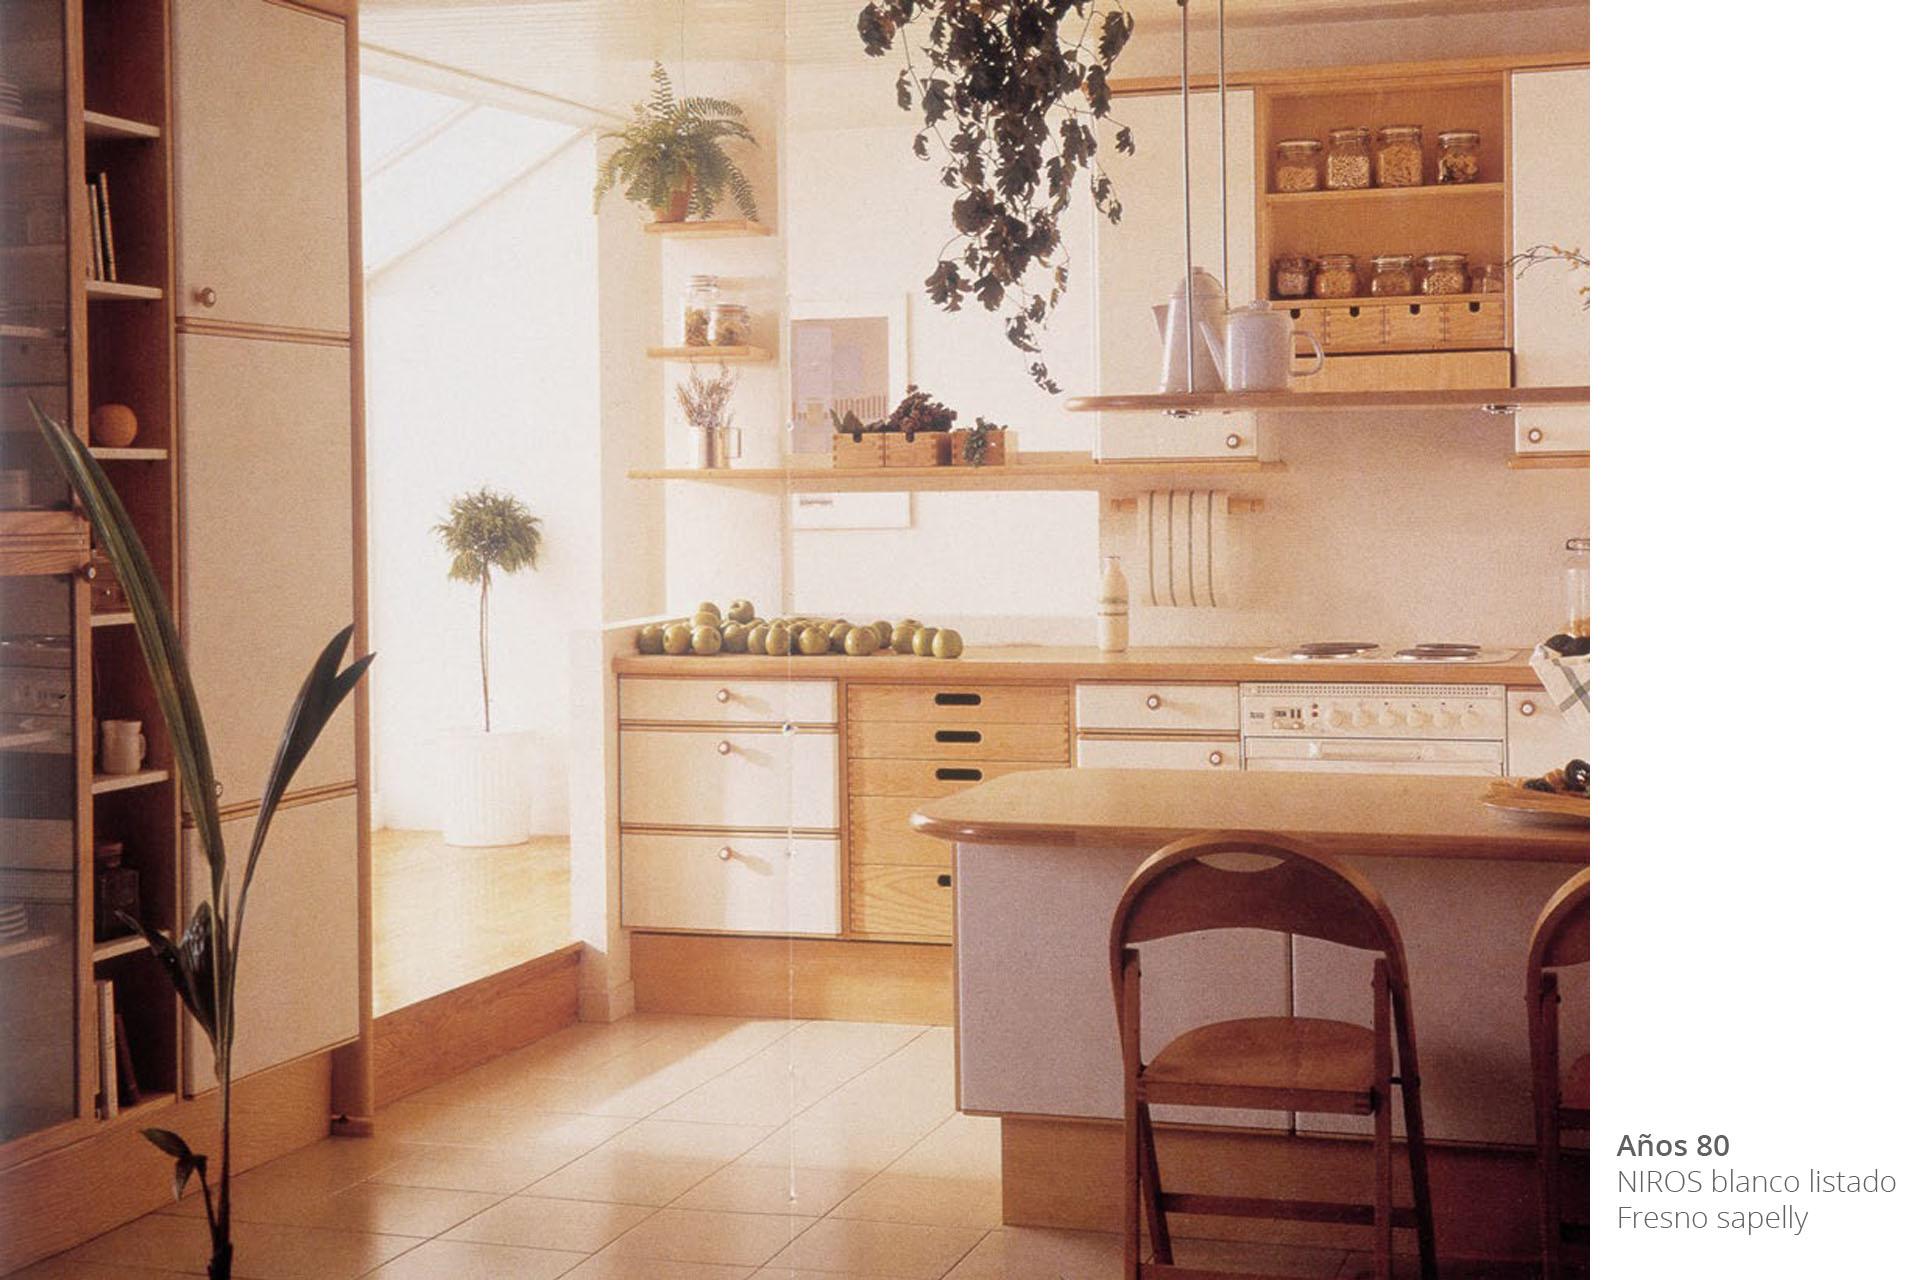 La historia de cocinas Santos: más de 60 años de tradición e innovación   Santiago Interiores